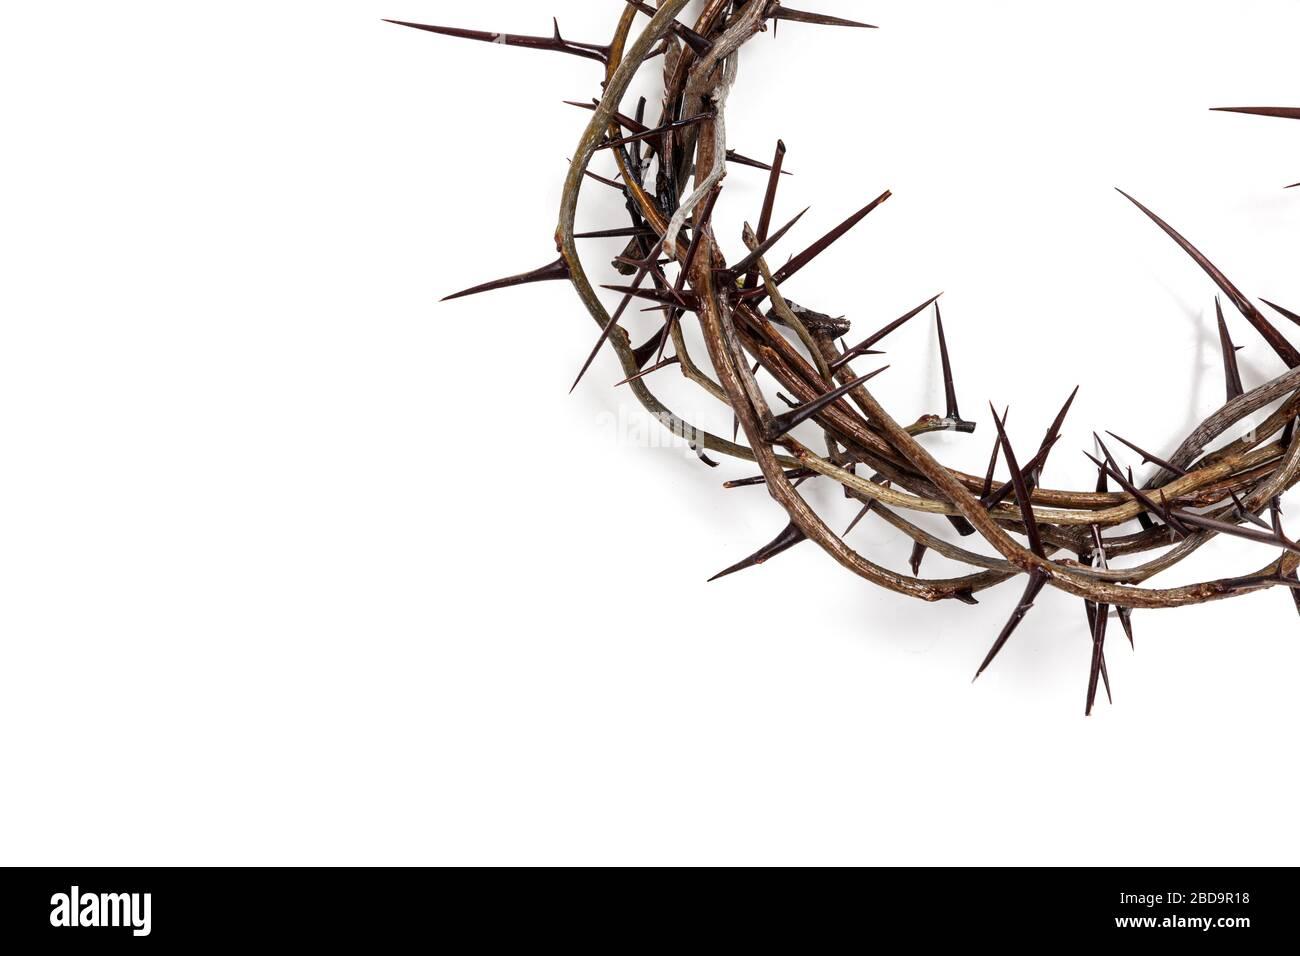 Une couronne d'épines sur un fond blanc. Thème de Pâques Banque D'Images